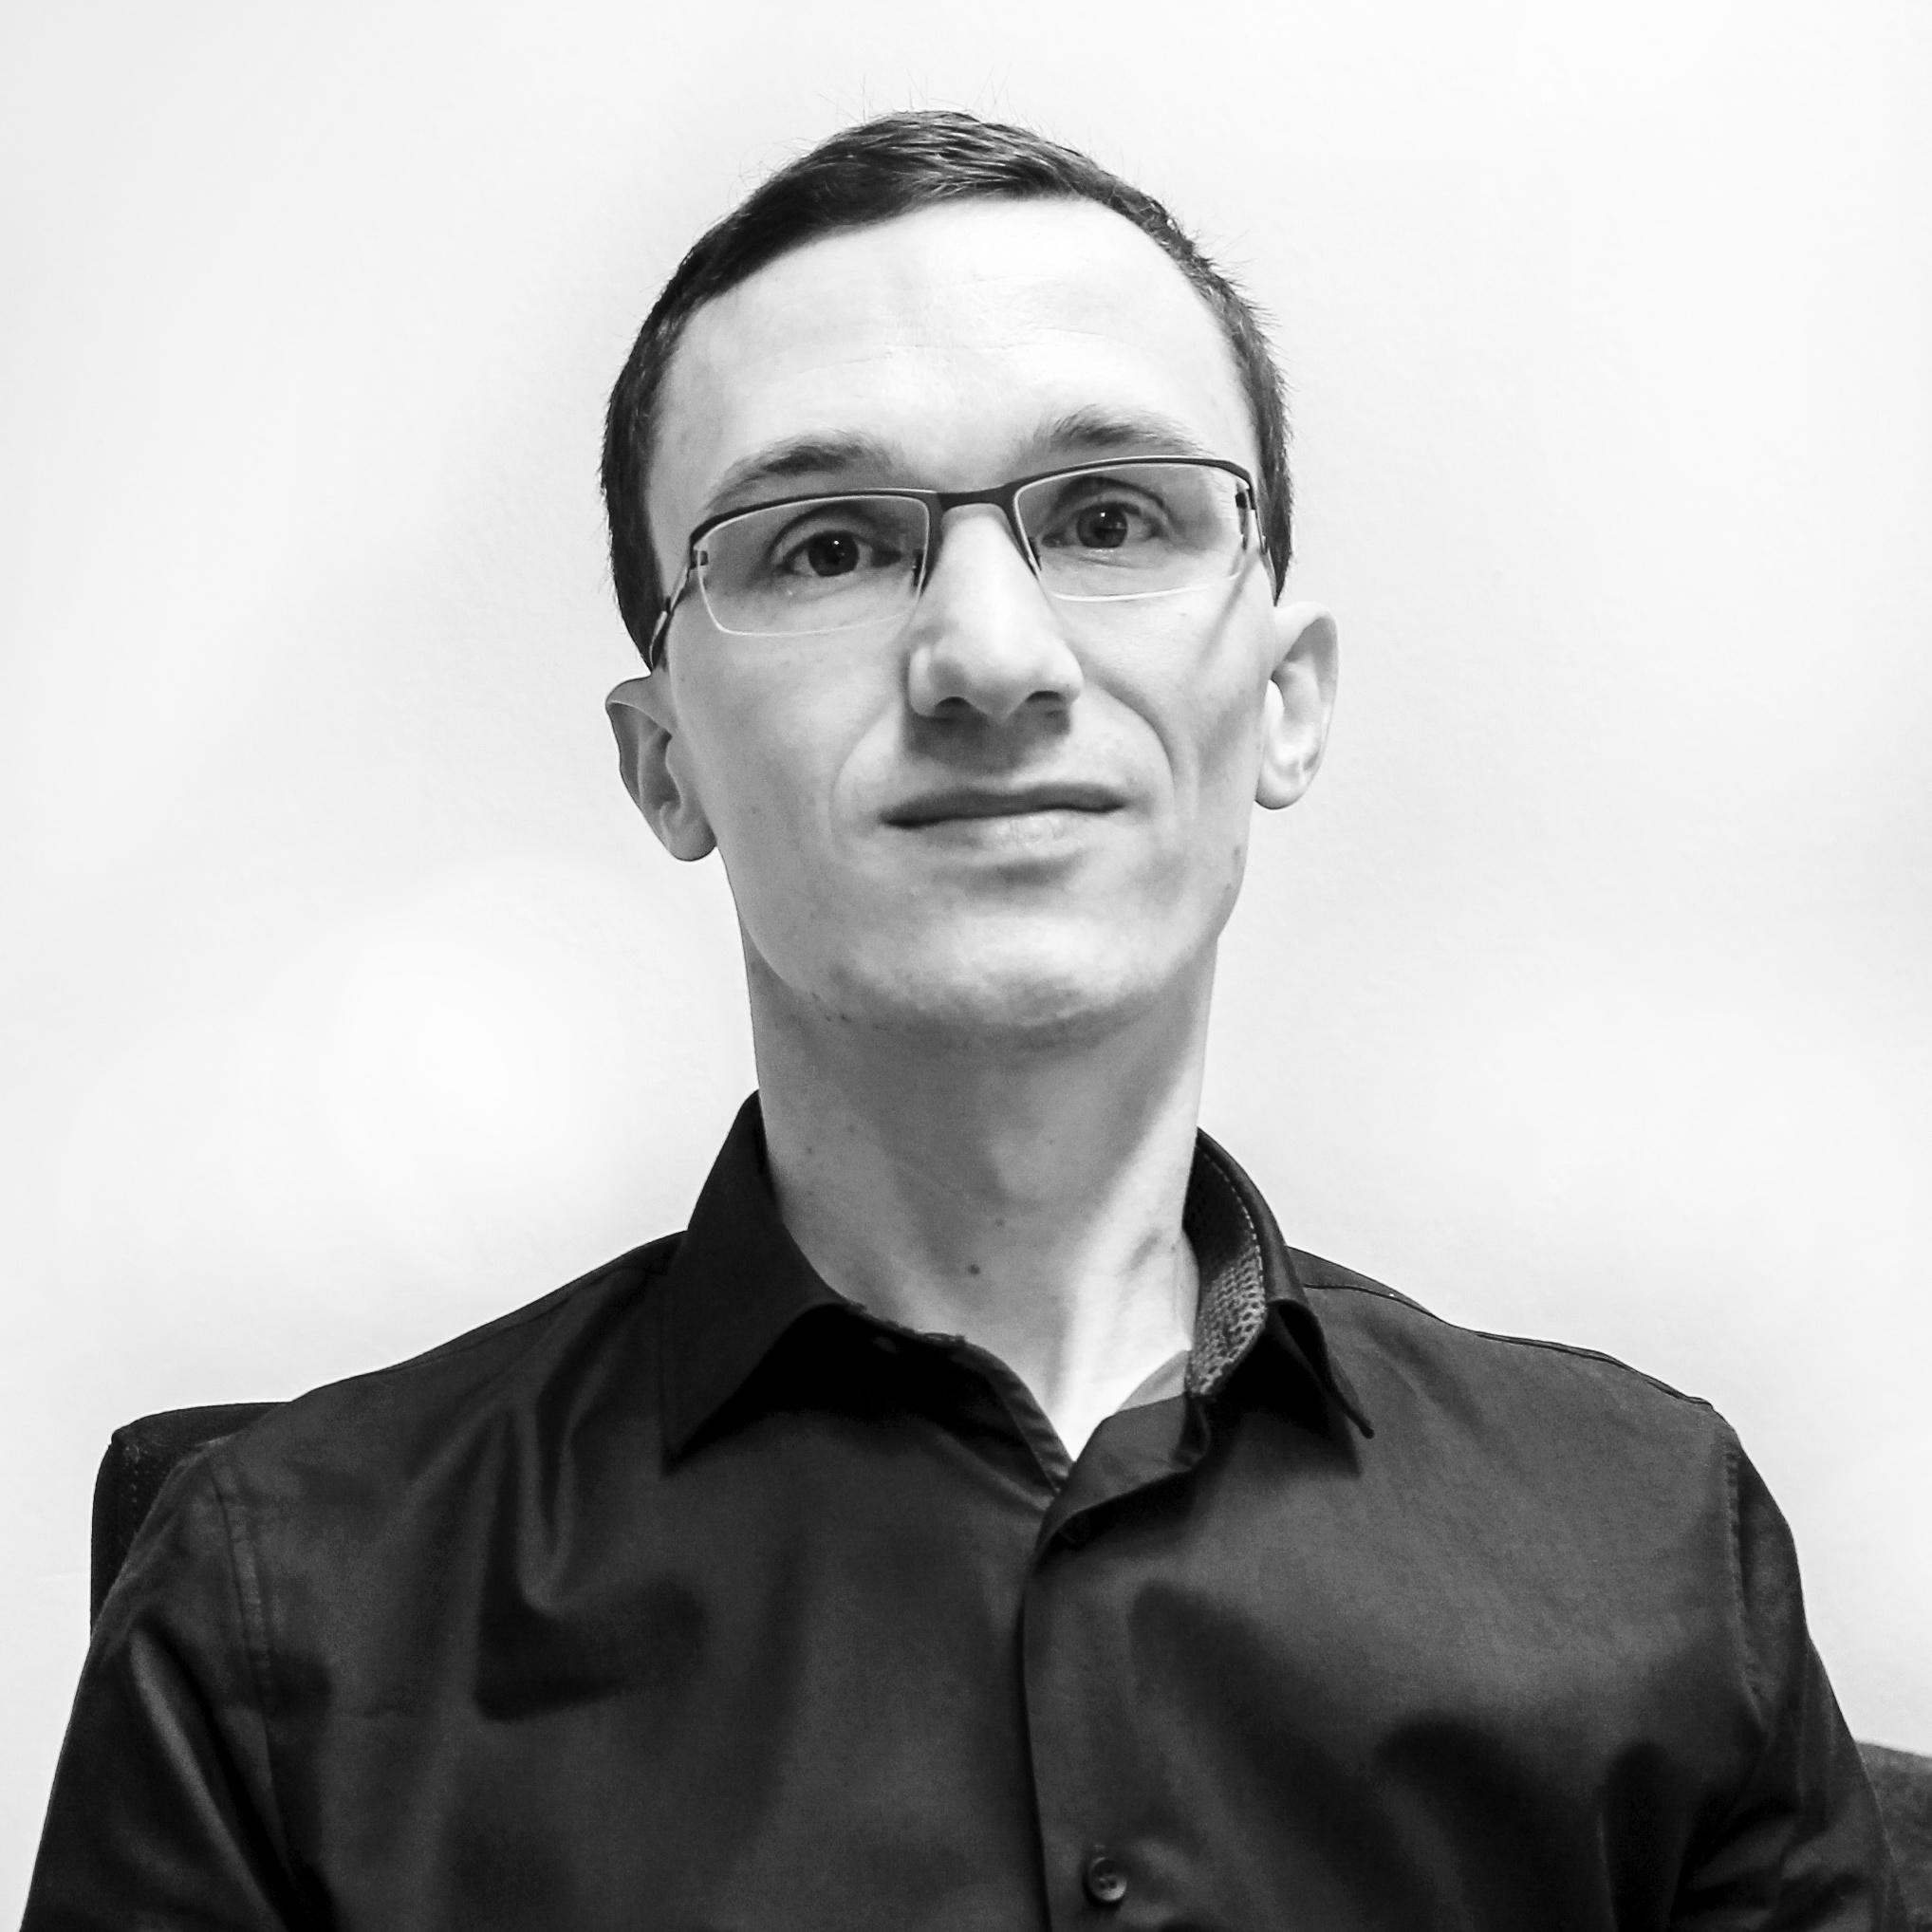 Johannes Schnatterer